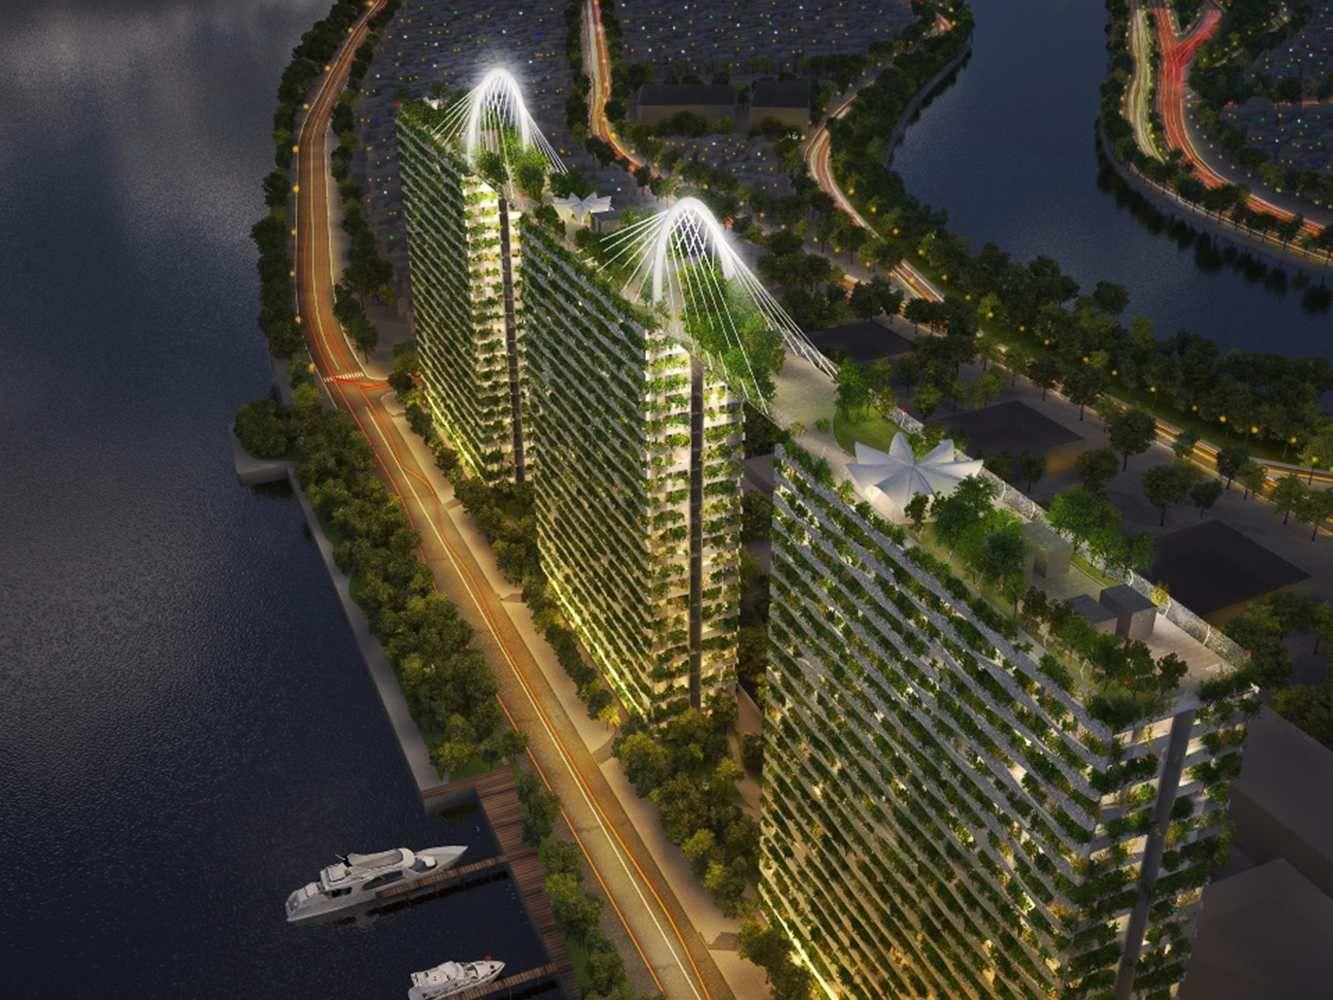 Na cidade de Ho Chi Minh - a maior cidade e principal centro financeiro, corporativo e mercantil do Vietnã, o escritório Vo Trong Nghia Architects divulgou